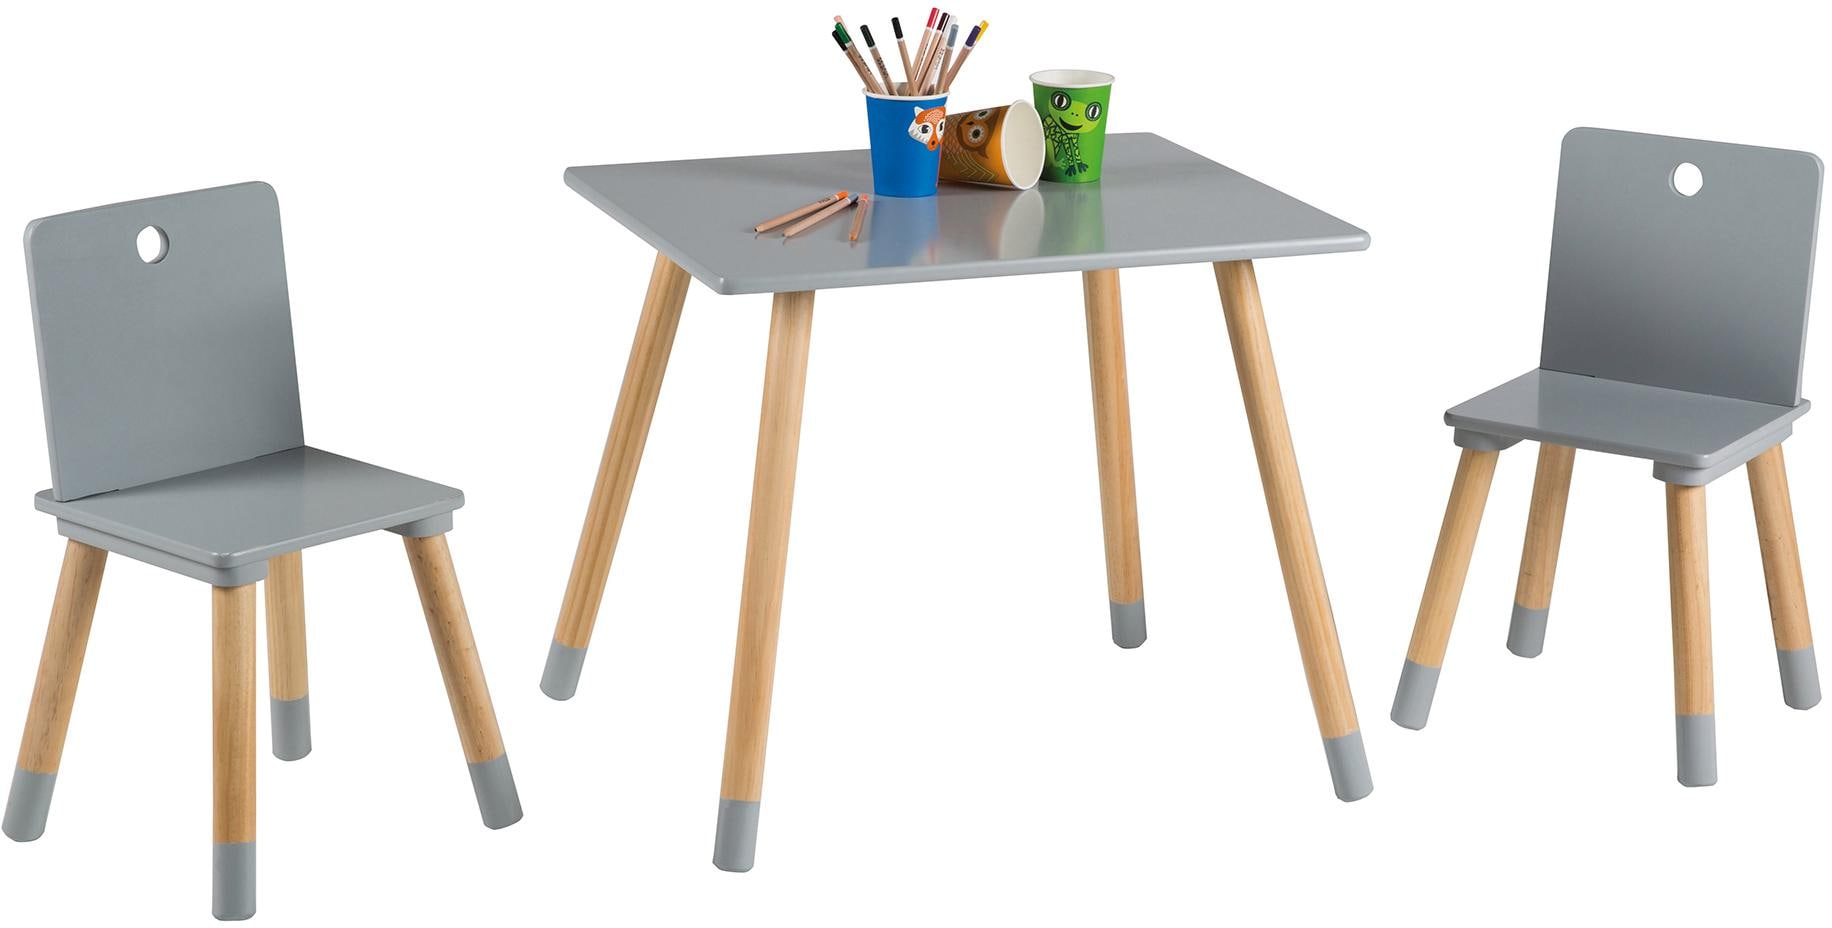 mosaik tisch und st hle preisvergleich die besten angebote online kaufen. Black Bedroom Furniture Sets. Home Design Ideas